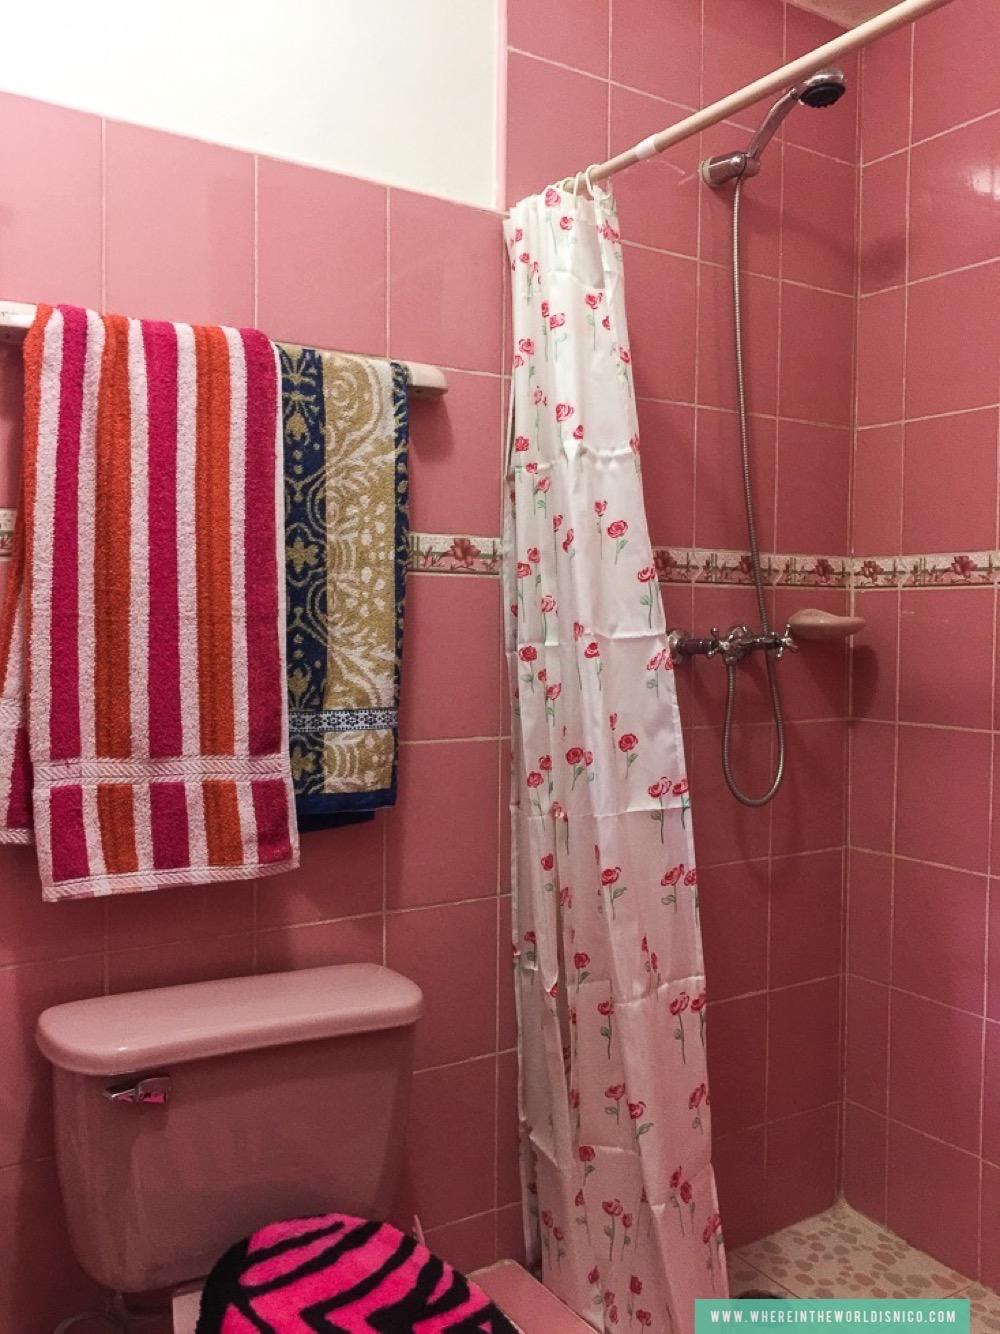 havana-cuba-casa-particulares-bathroom.jpg